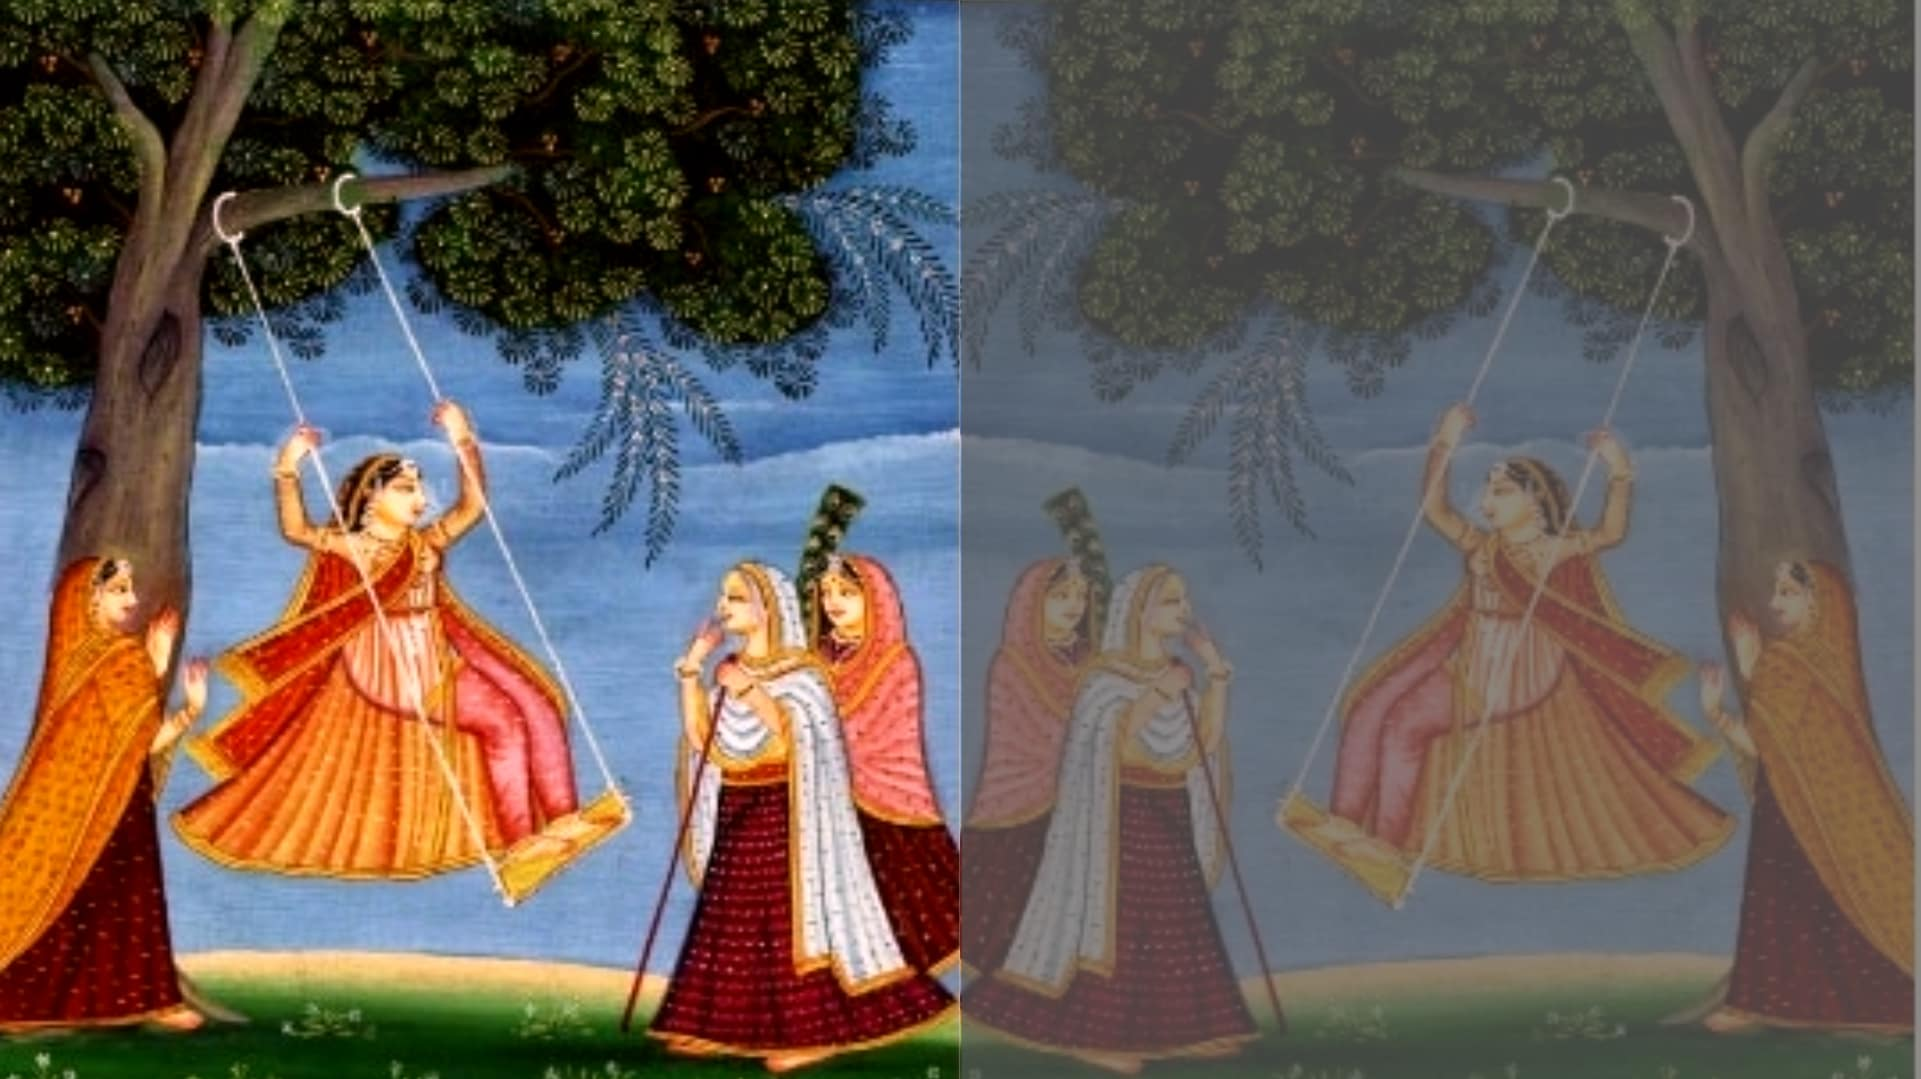 Monsoon Music: In Punjab, singing songs of Sawan